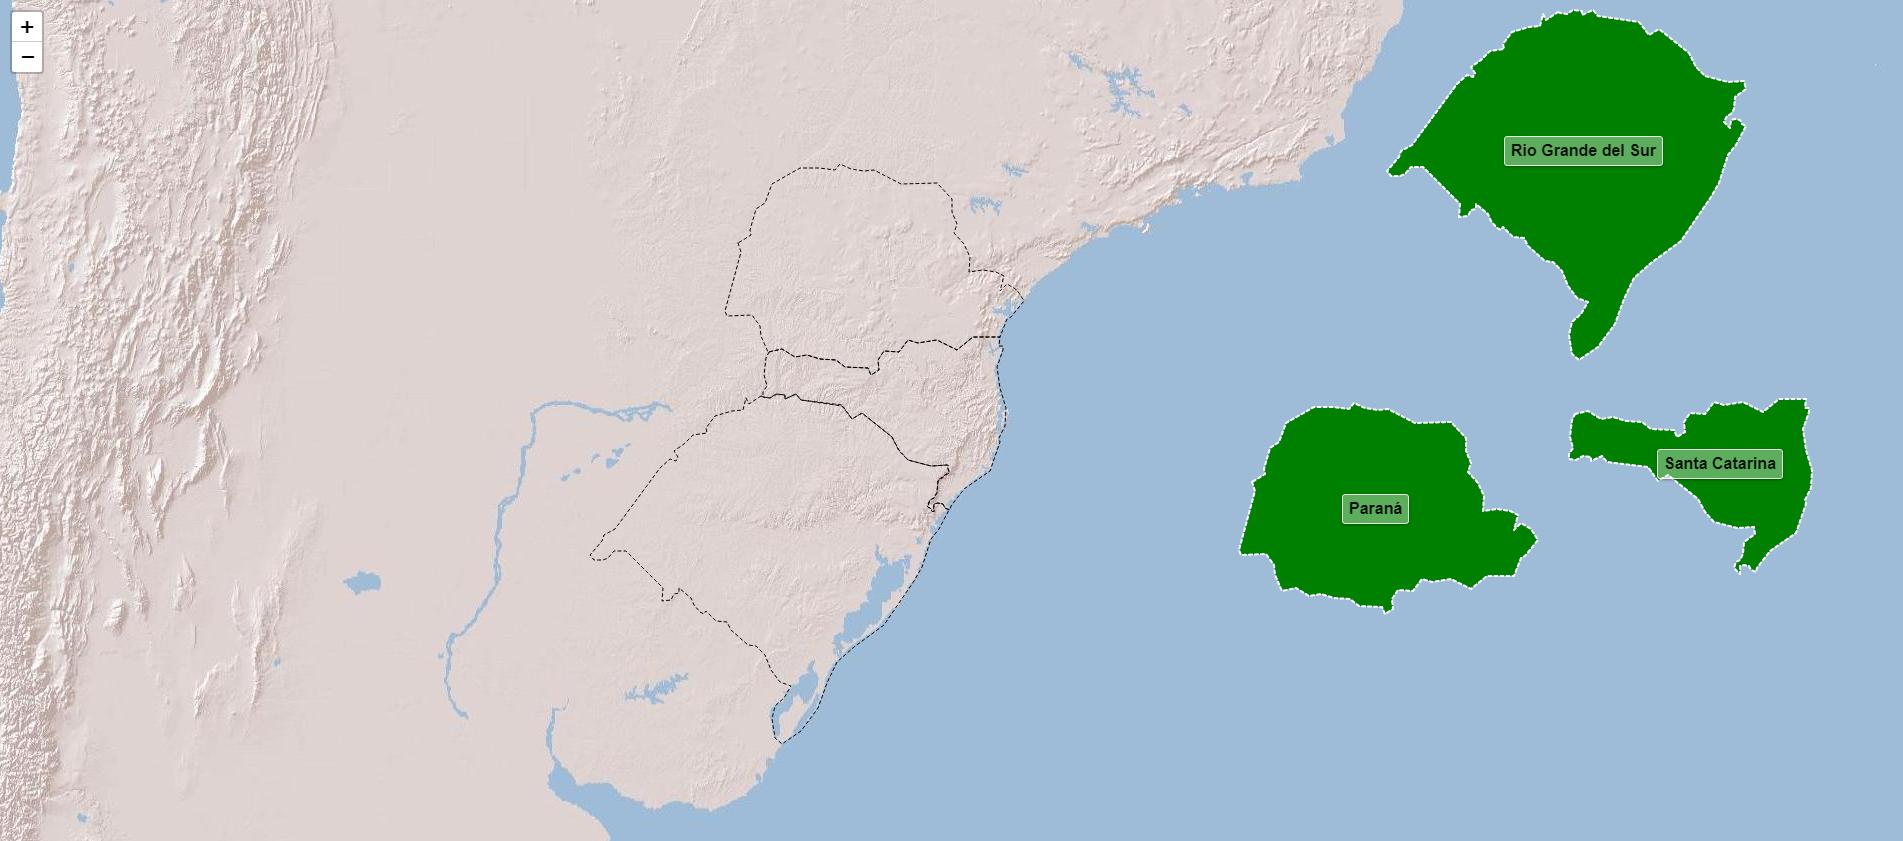 Estados da rexión sur de Brasil